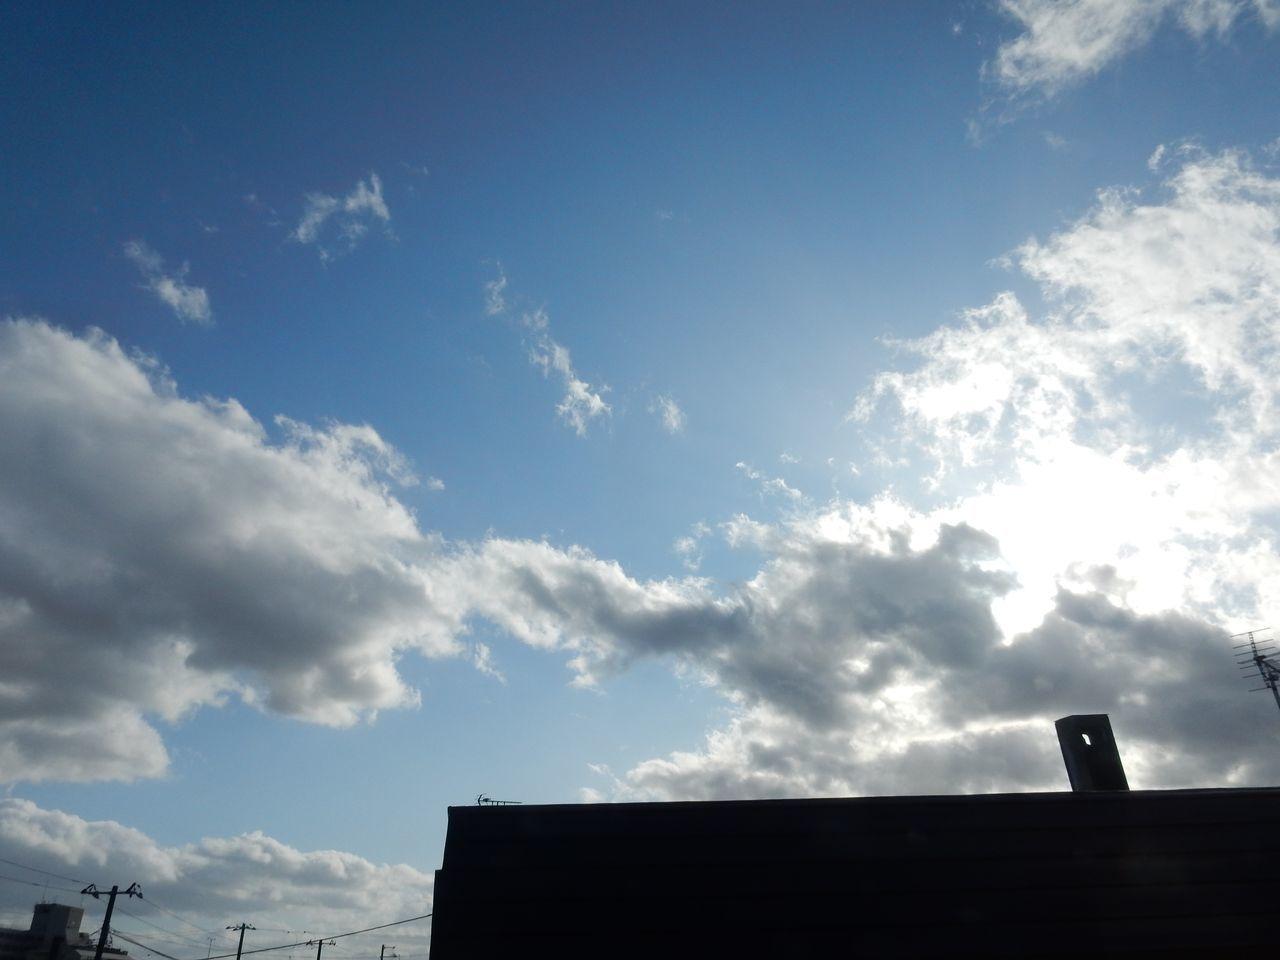 朝寒く、昼もそれなりに寒く_c0025115_21591129.jpg